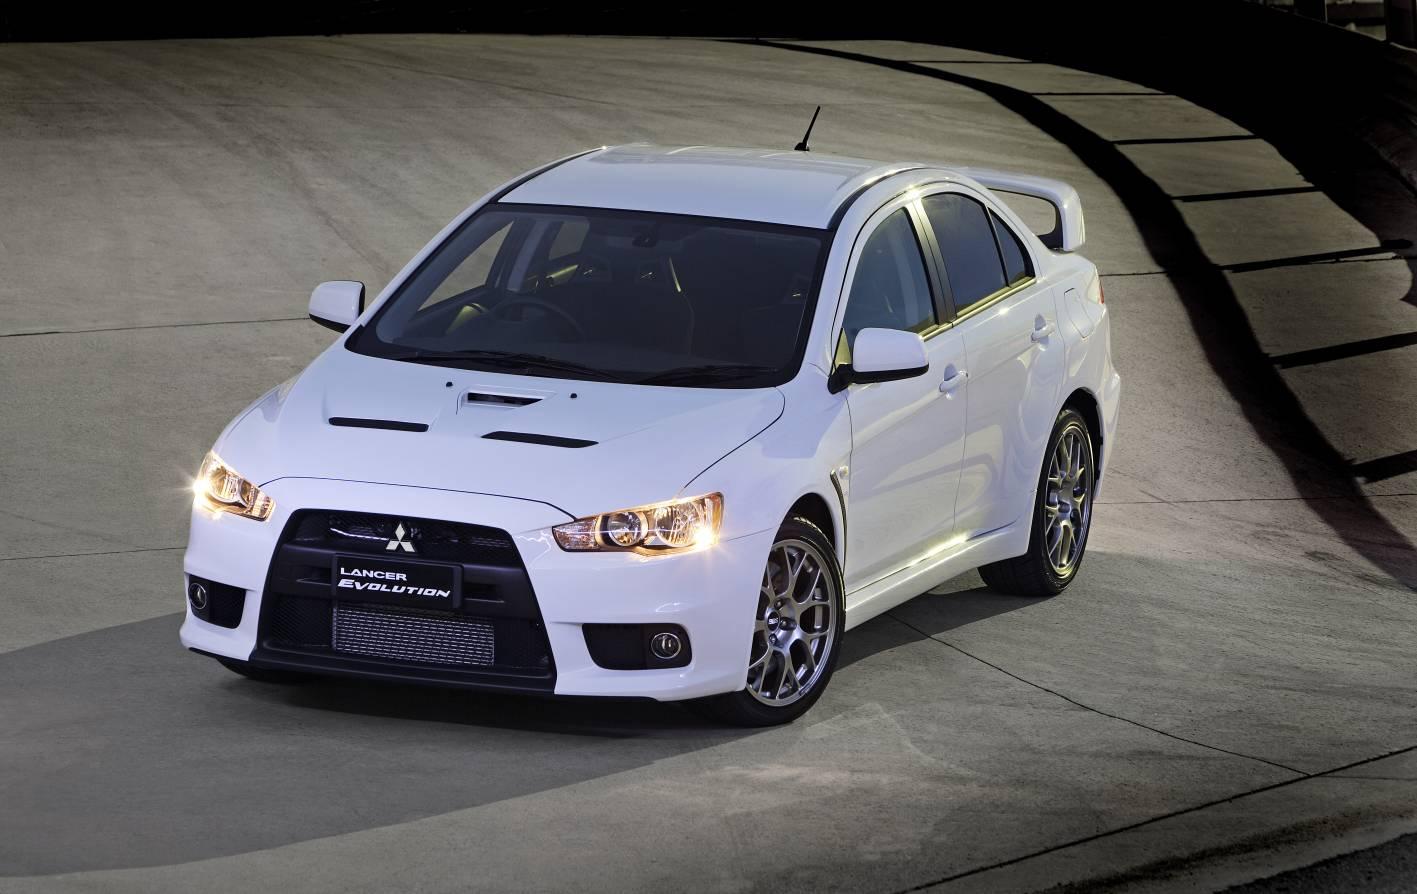 test driving the mitsubishi evolution x